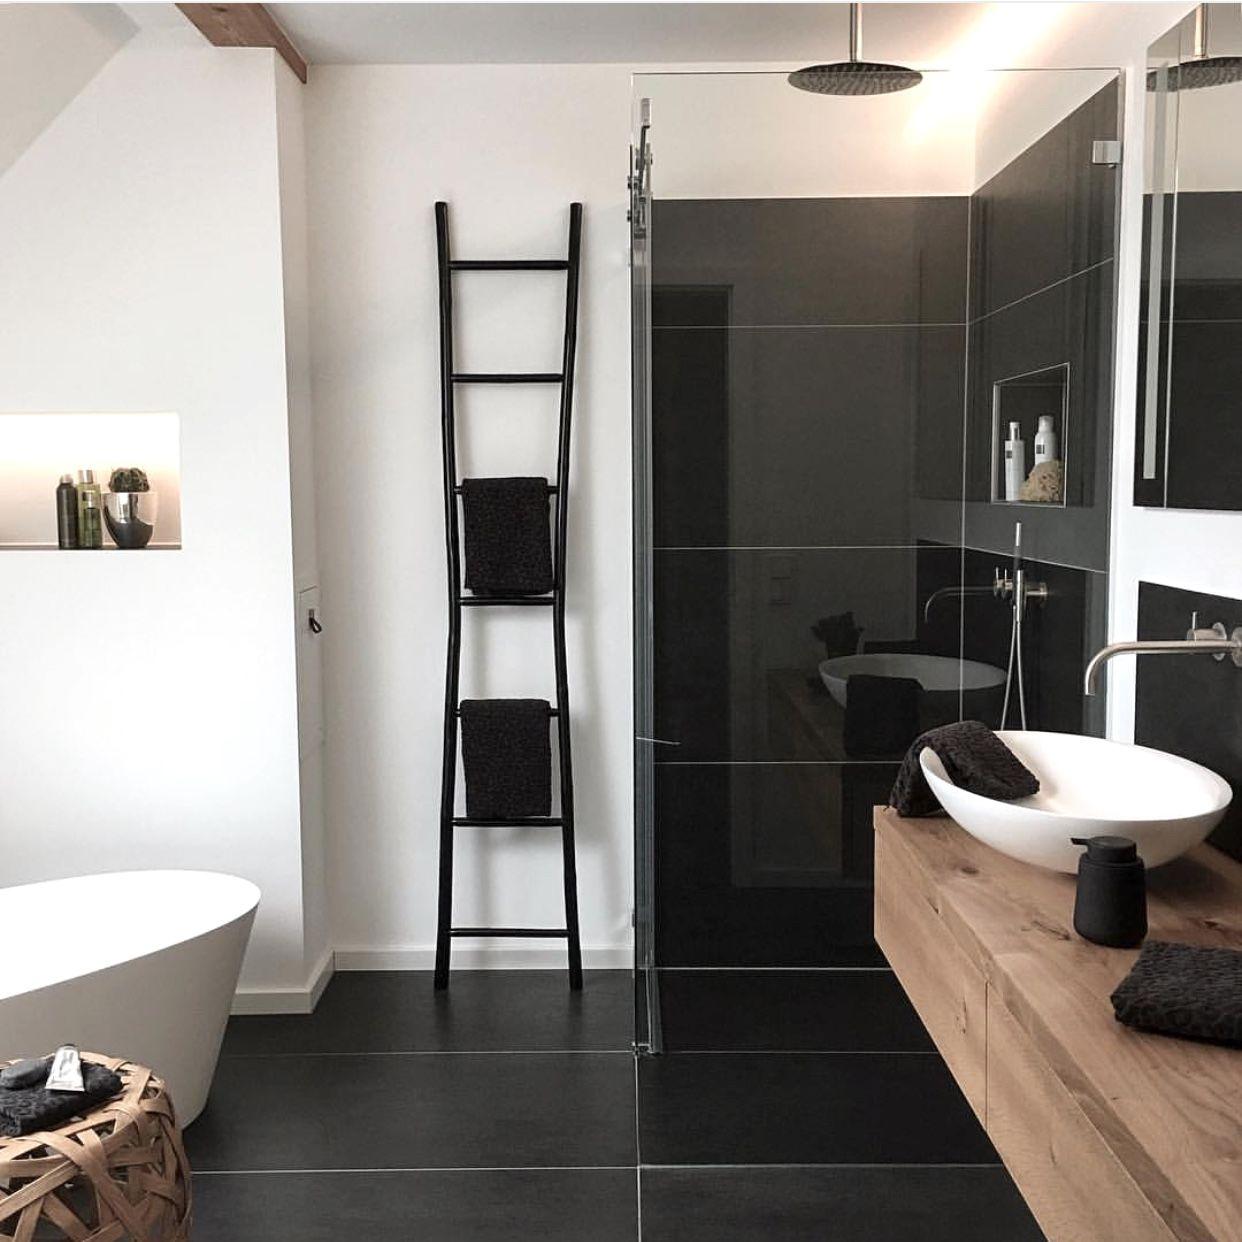 Spiegelschränke. Badezimmer | Wohlfühloase